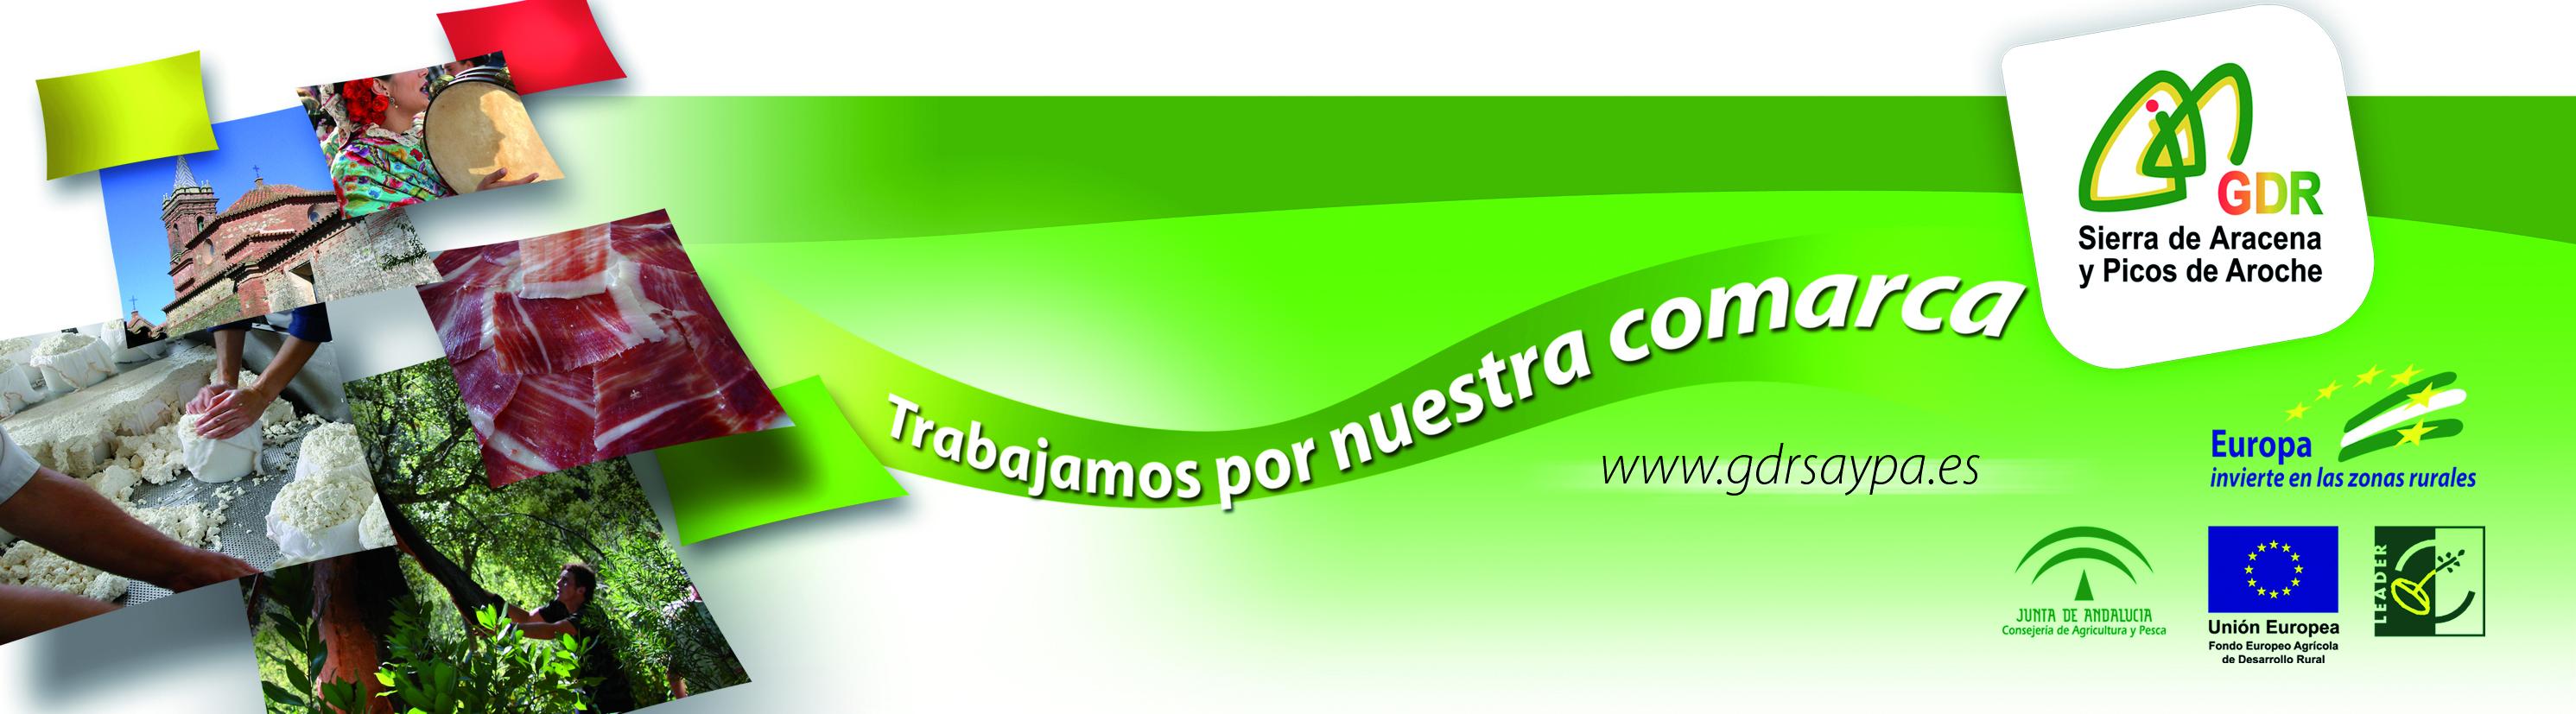 Publicadas en BOJA las Bases Reguladoras y Convocatoria 2017 de las Ayudas LEADER